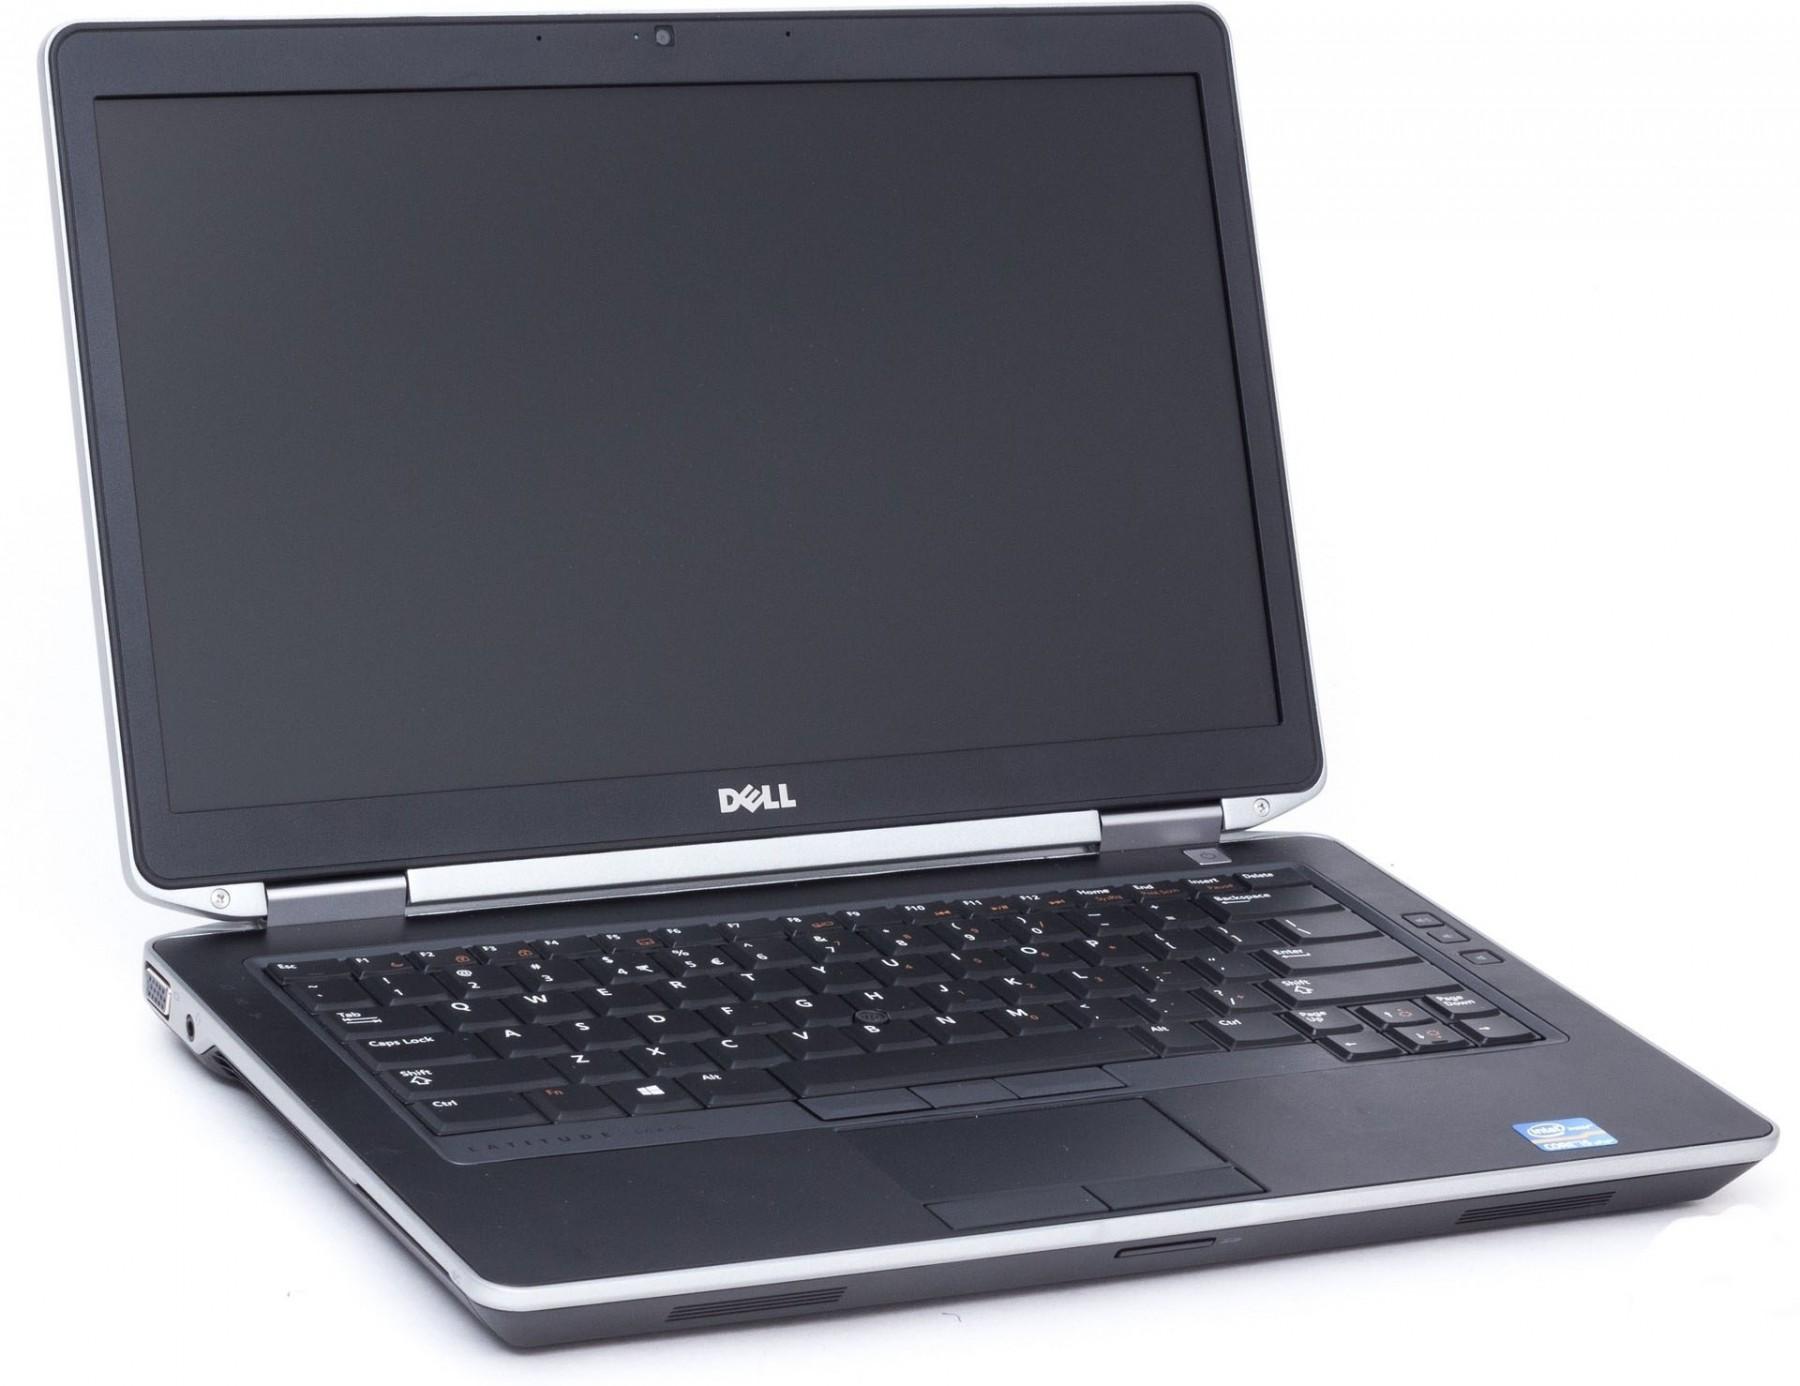 """DELL-LAT-E6430s-i5-Dell Latitude E6430s 14"""" Intel Core i5 3rd Generation 4 GB 500 GB HDD Micro HDMI Windows 10 Laptop-image"""